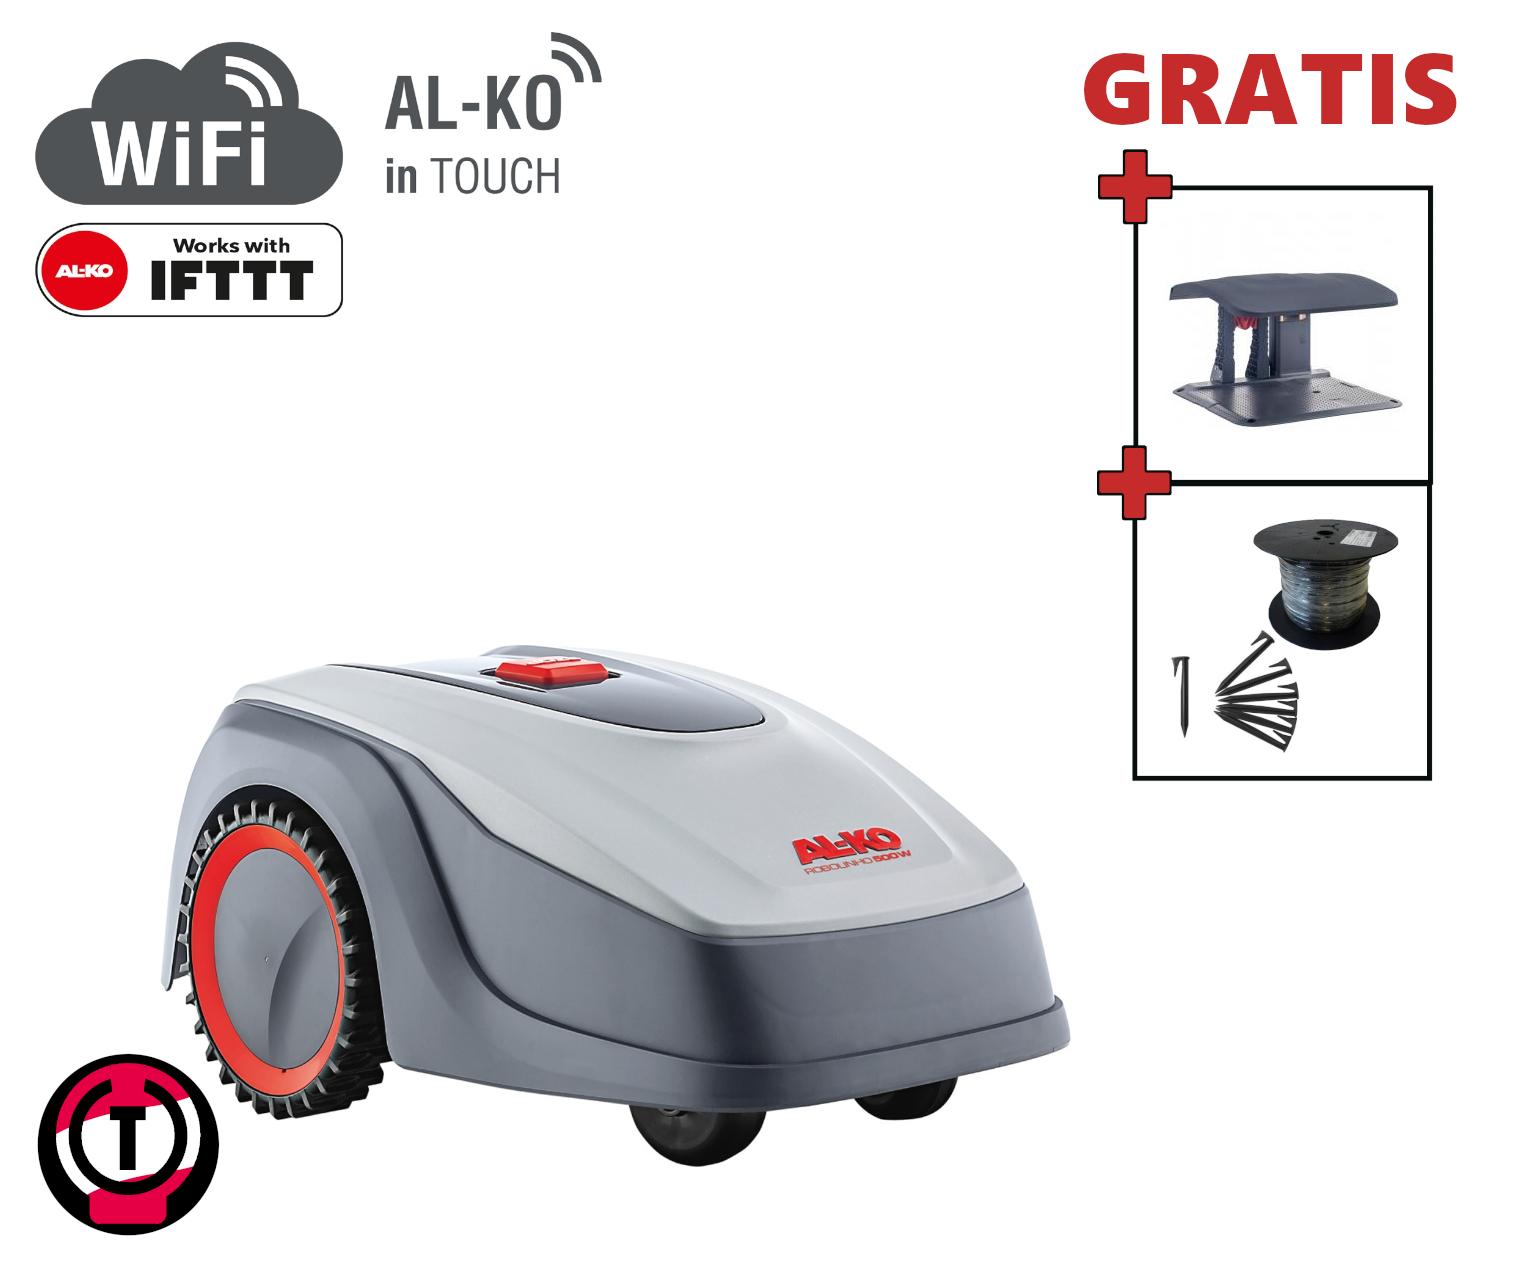 AL-KO-Robolinho-500-W-rasenroboter-set